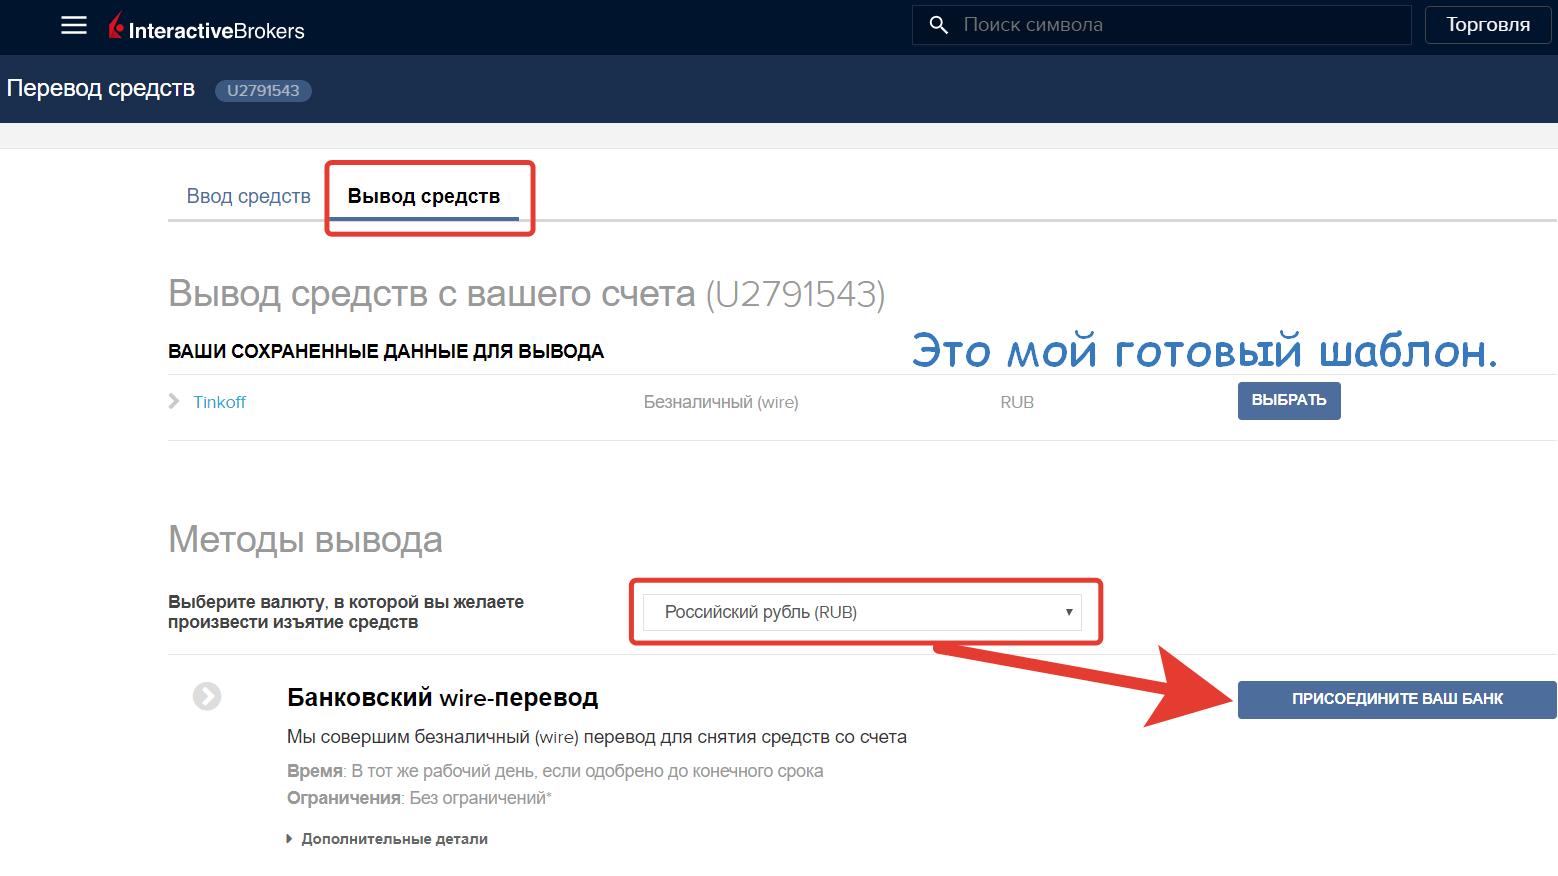 IB - рублевый банковский wire-перевод